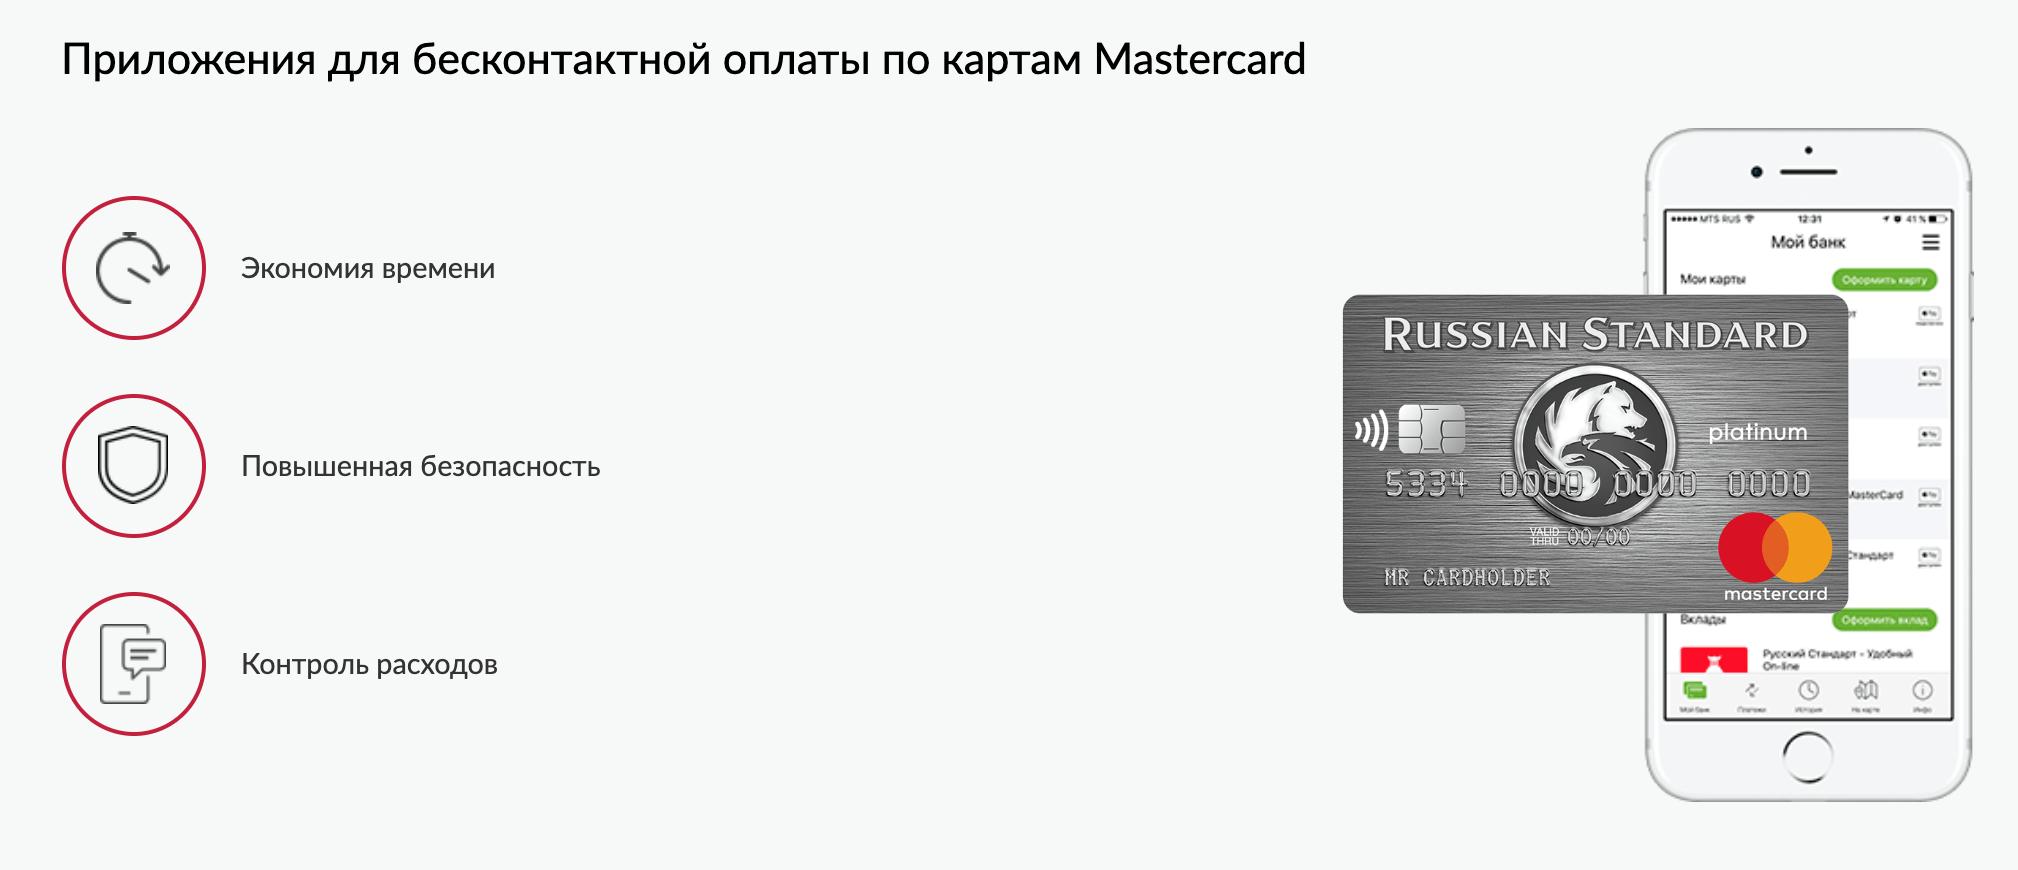 Кредитные карты как пользоваться